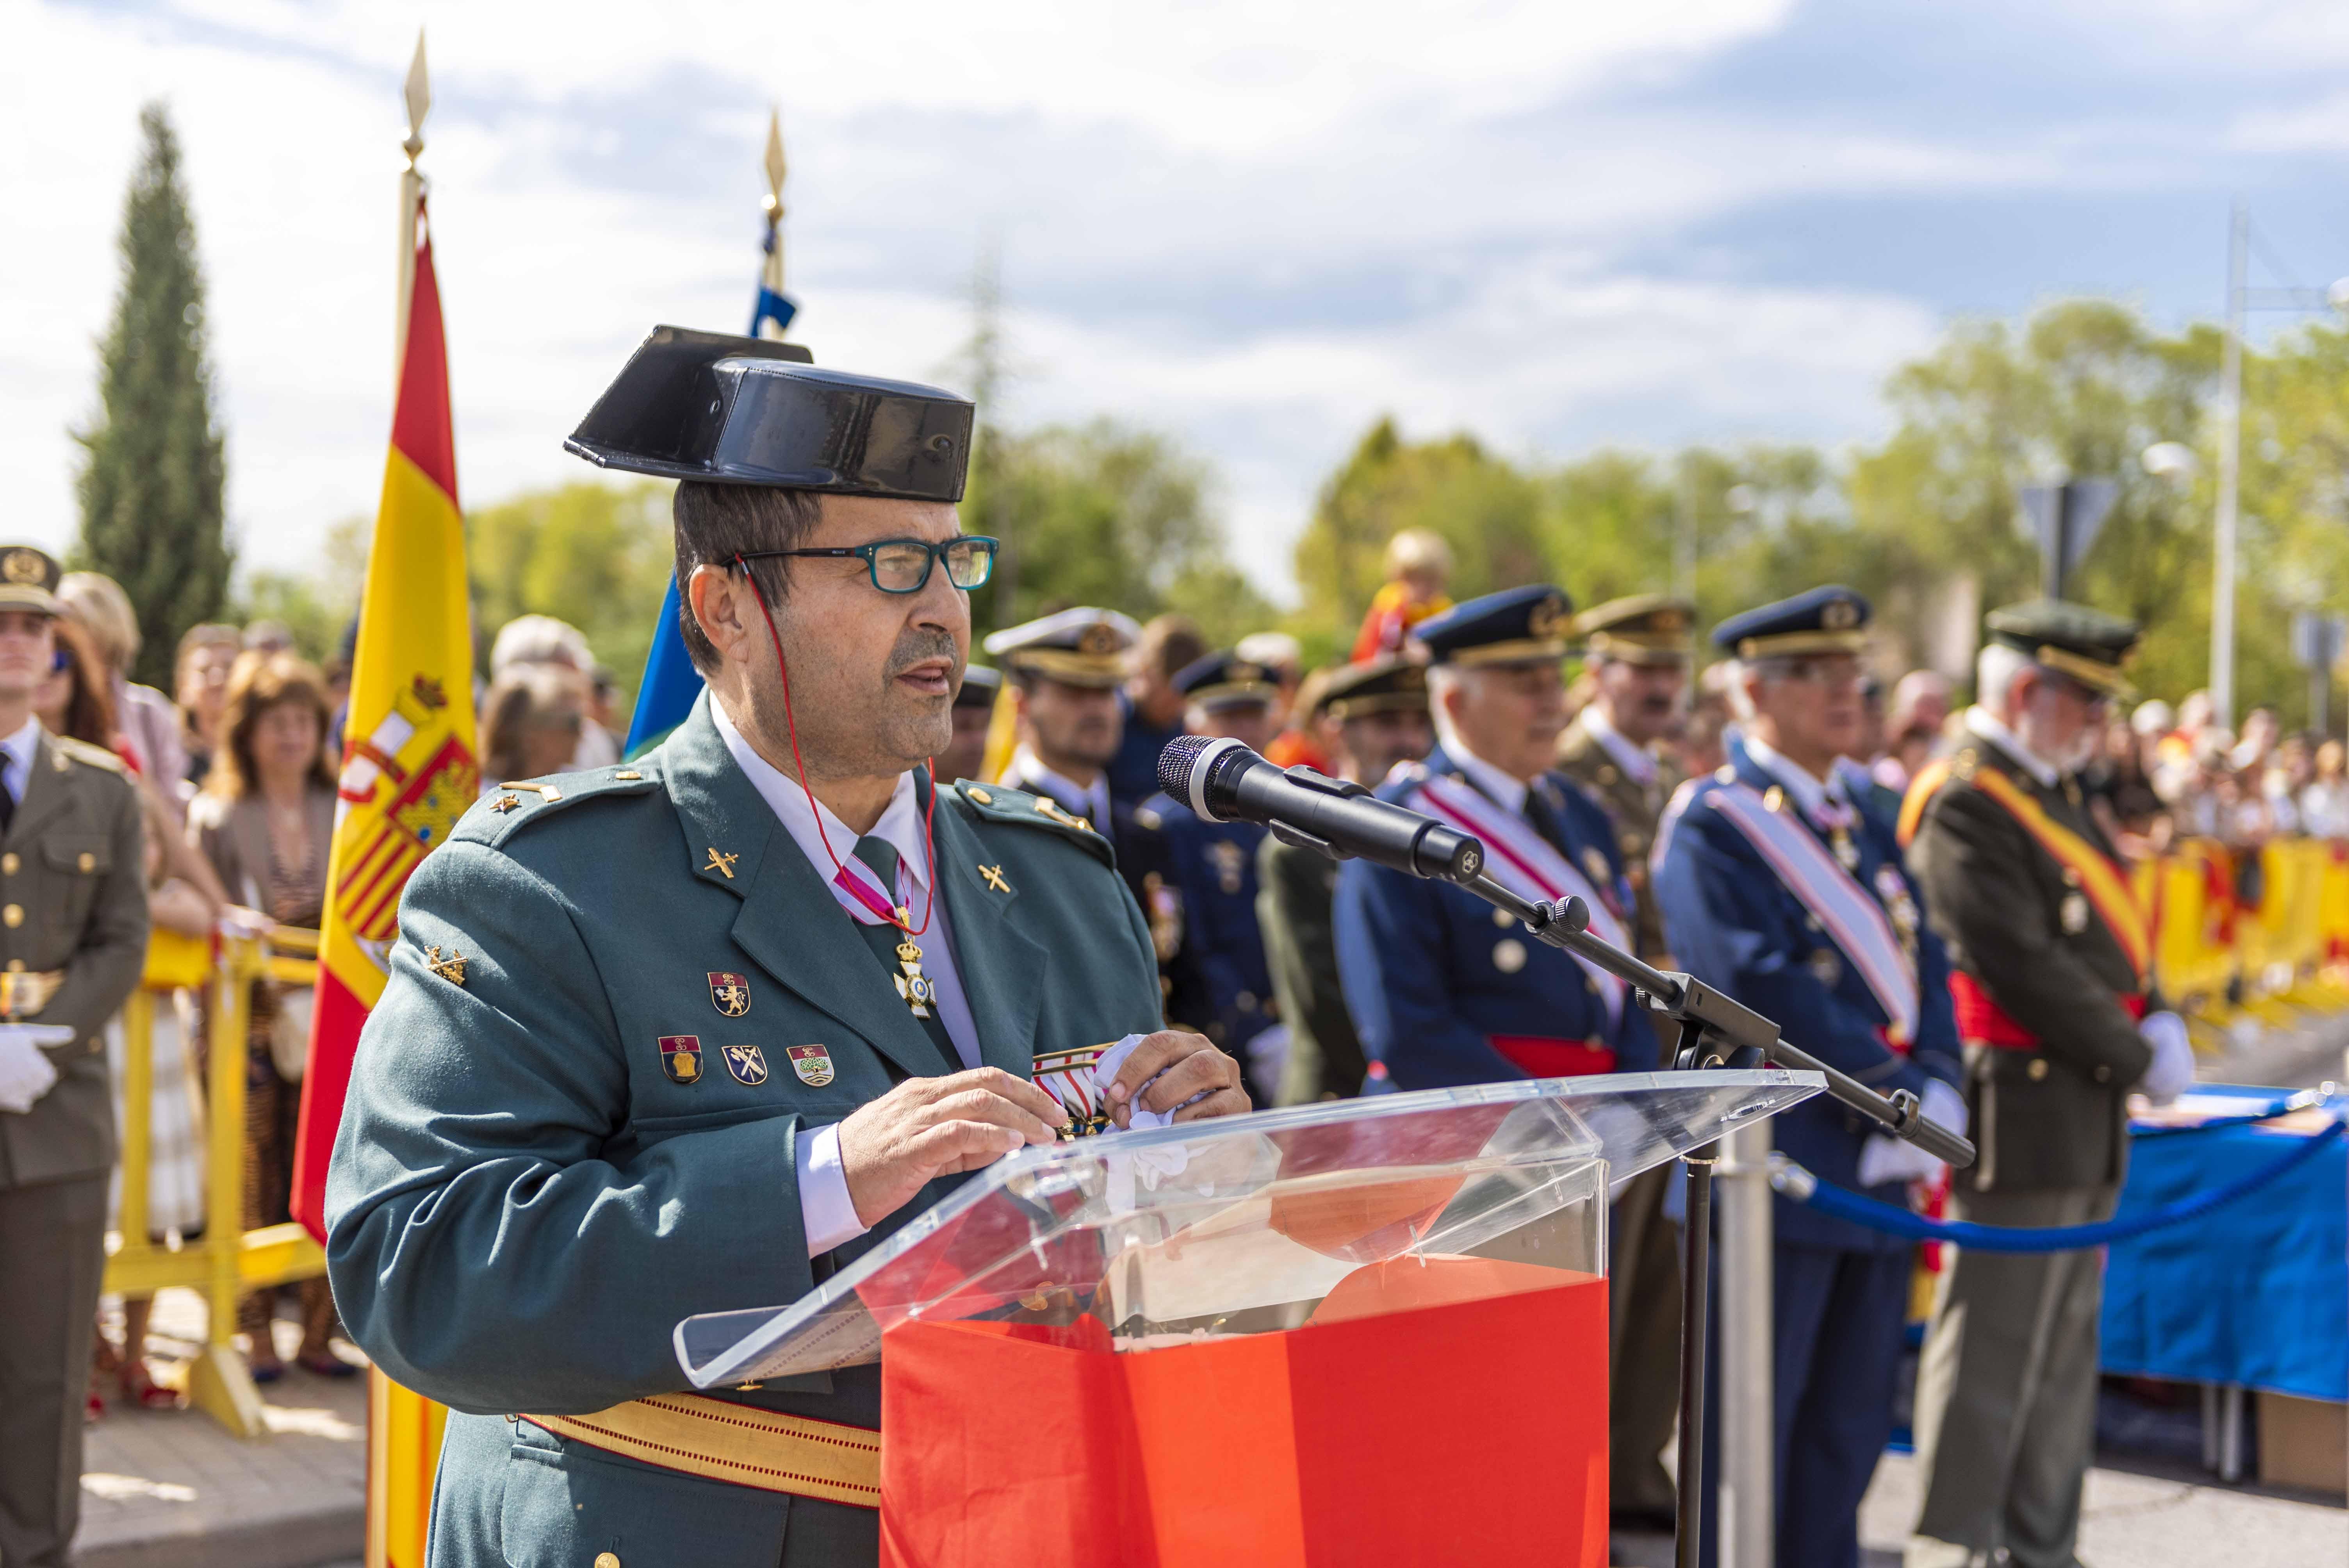 El subteniente de la Guardia Civil, José Antonio García durante su intervención